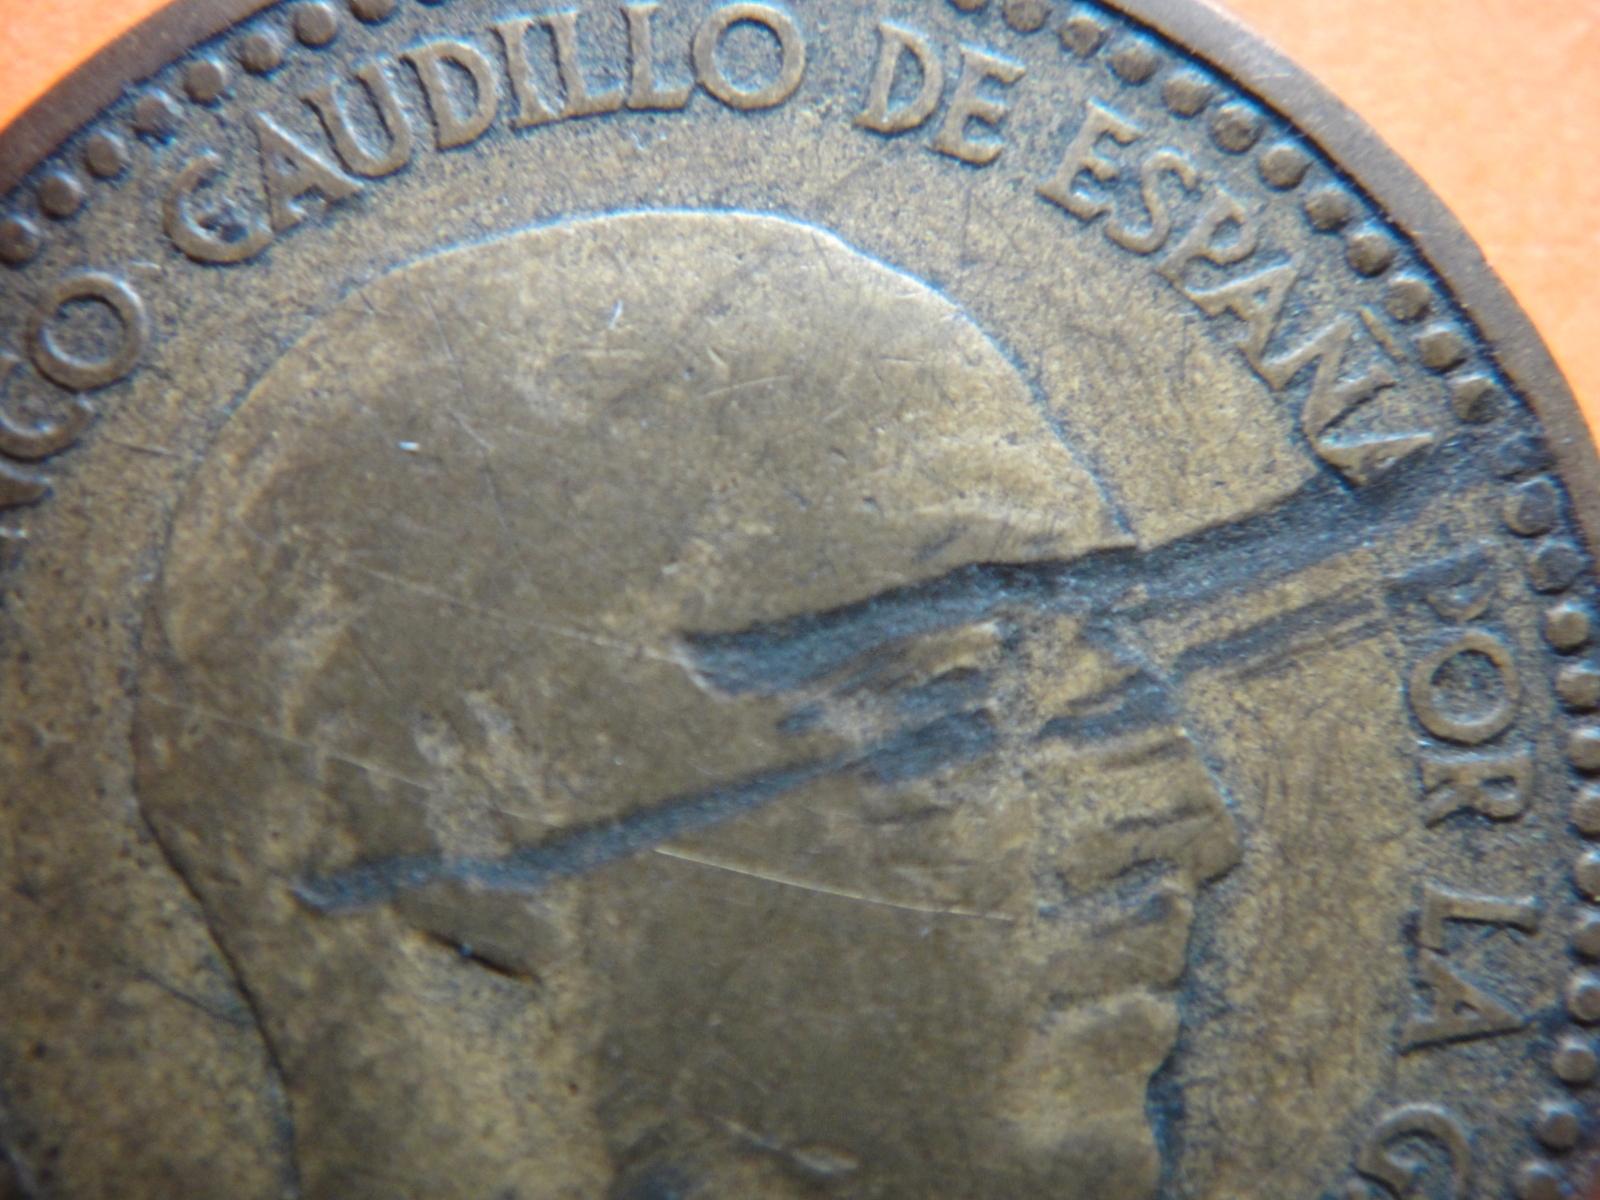 Opinión moneda 1 peseta Franco 1947 2hq9v9j